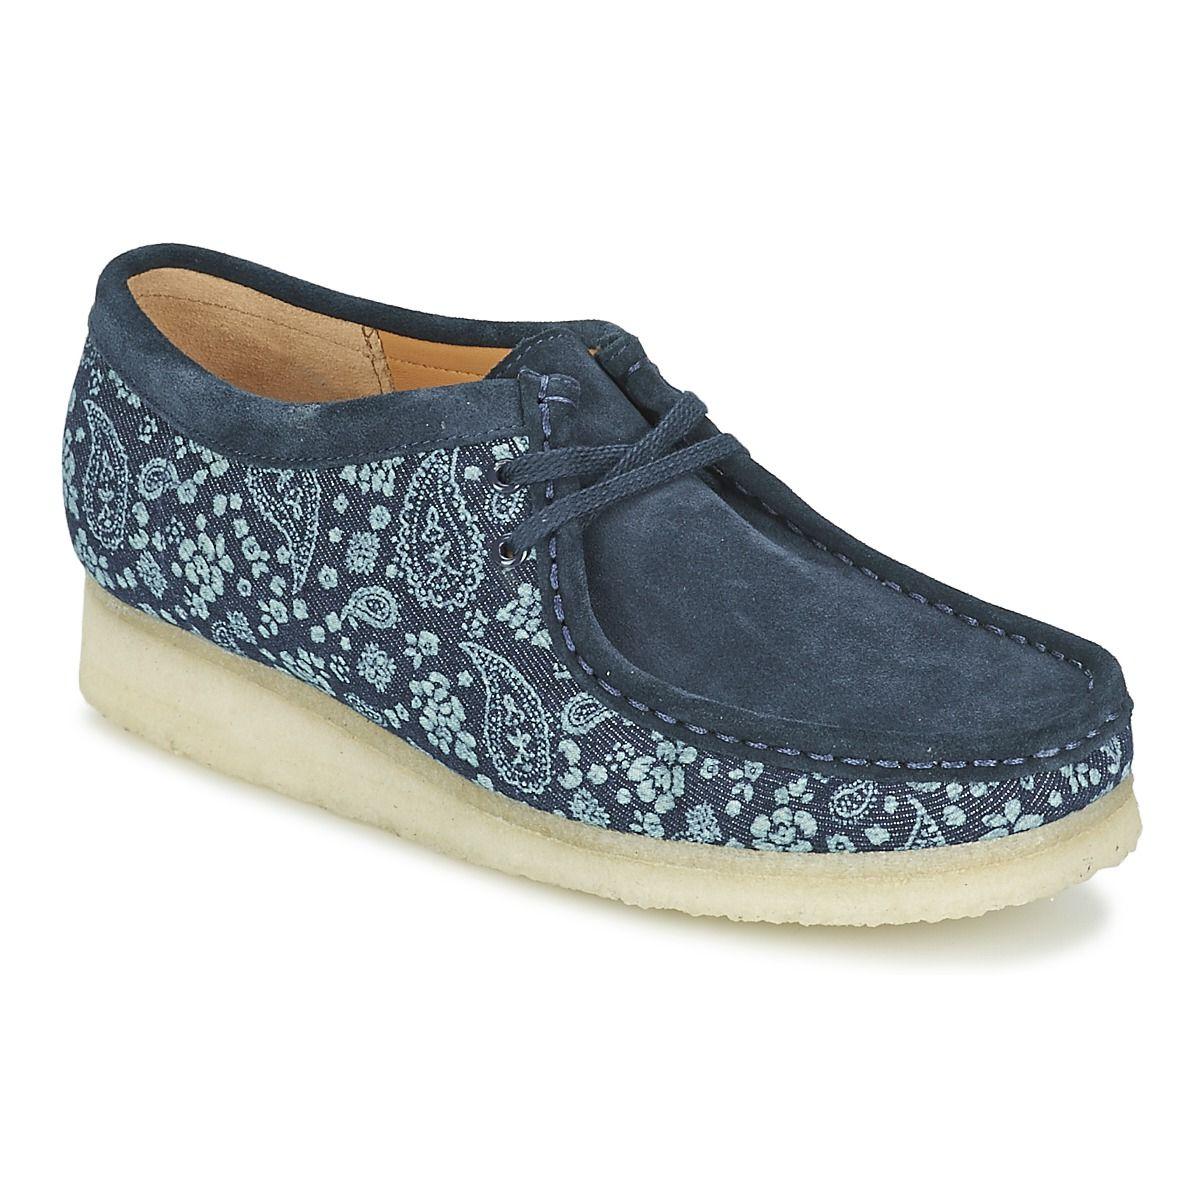 Cher Wallabee Pinterest Pas Derbies Bleu vvqdwzr8x Chaussures Clarks TlKJ3cF1